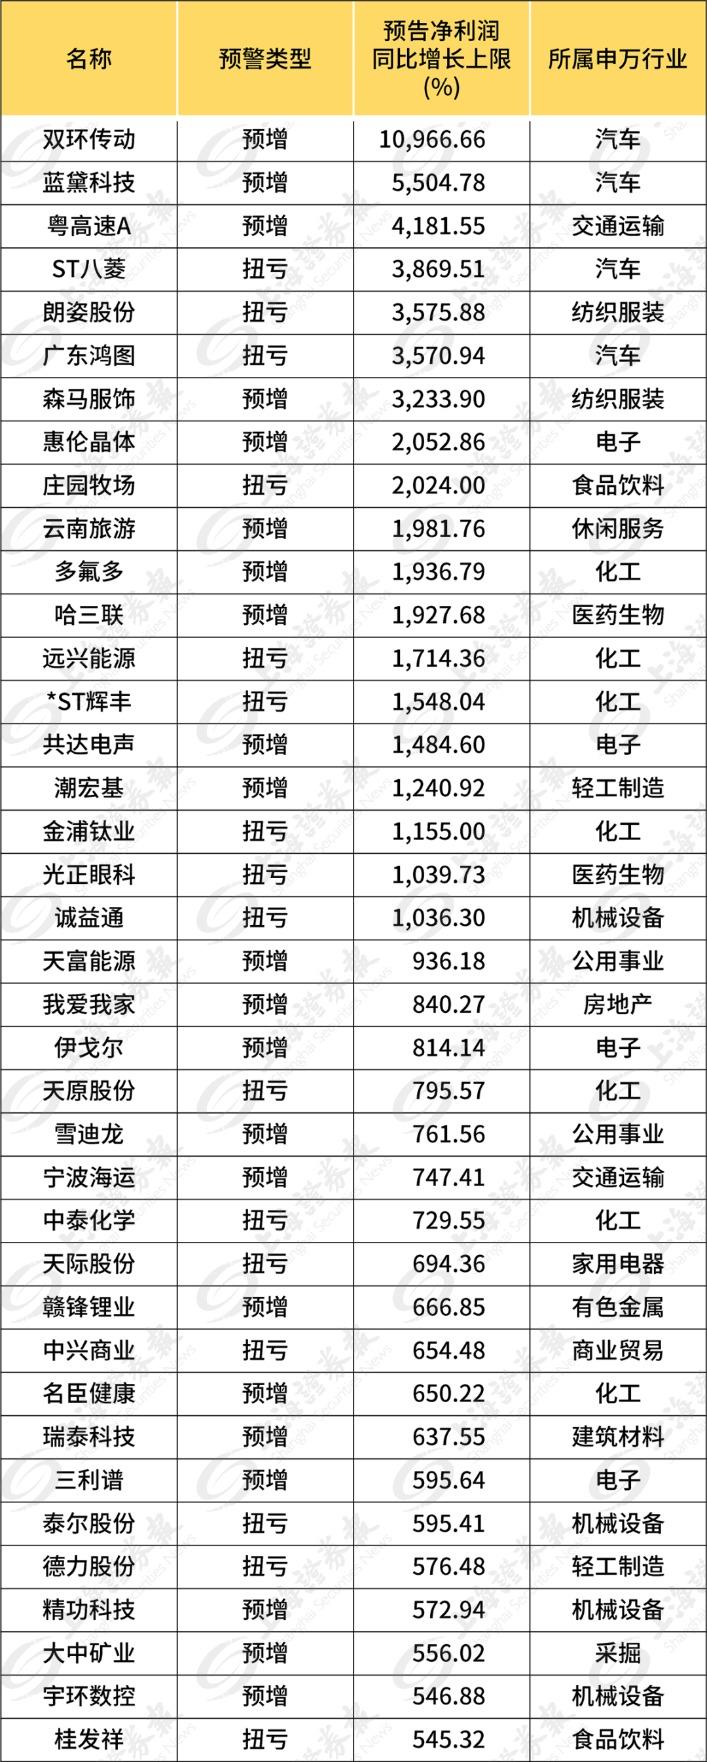 宿迁新闻超百股上半年净利润翻倍 淘金半年报行情这里有富矿(名单)